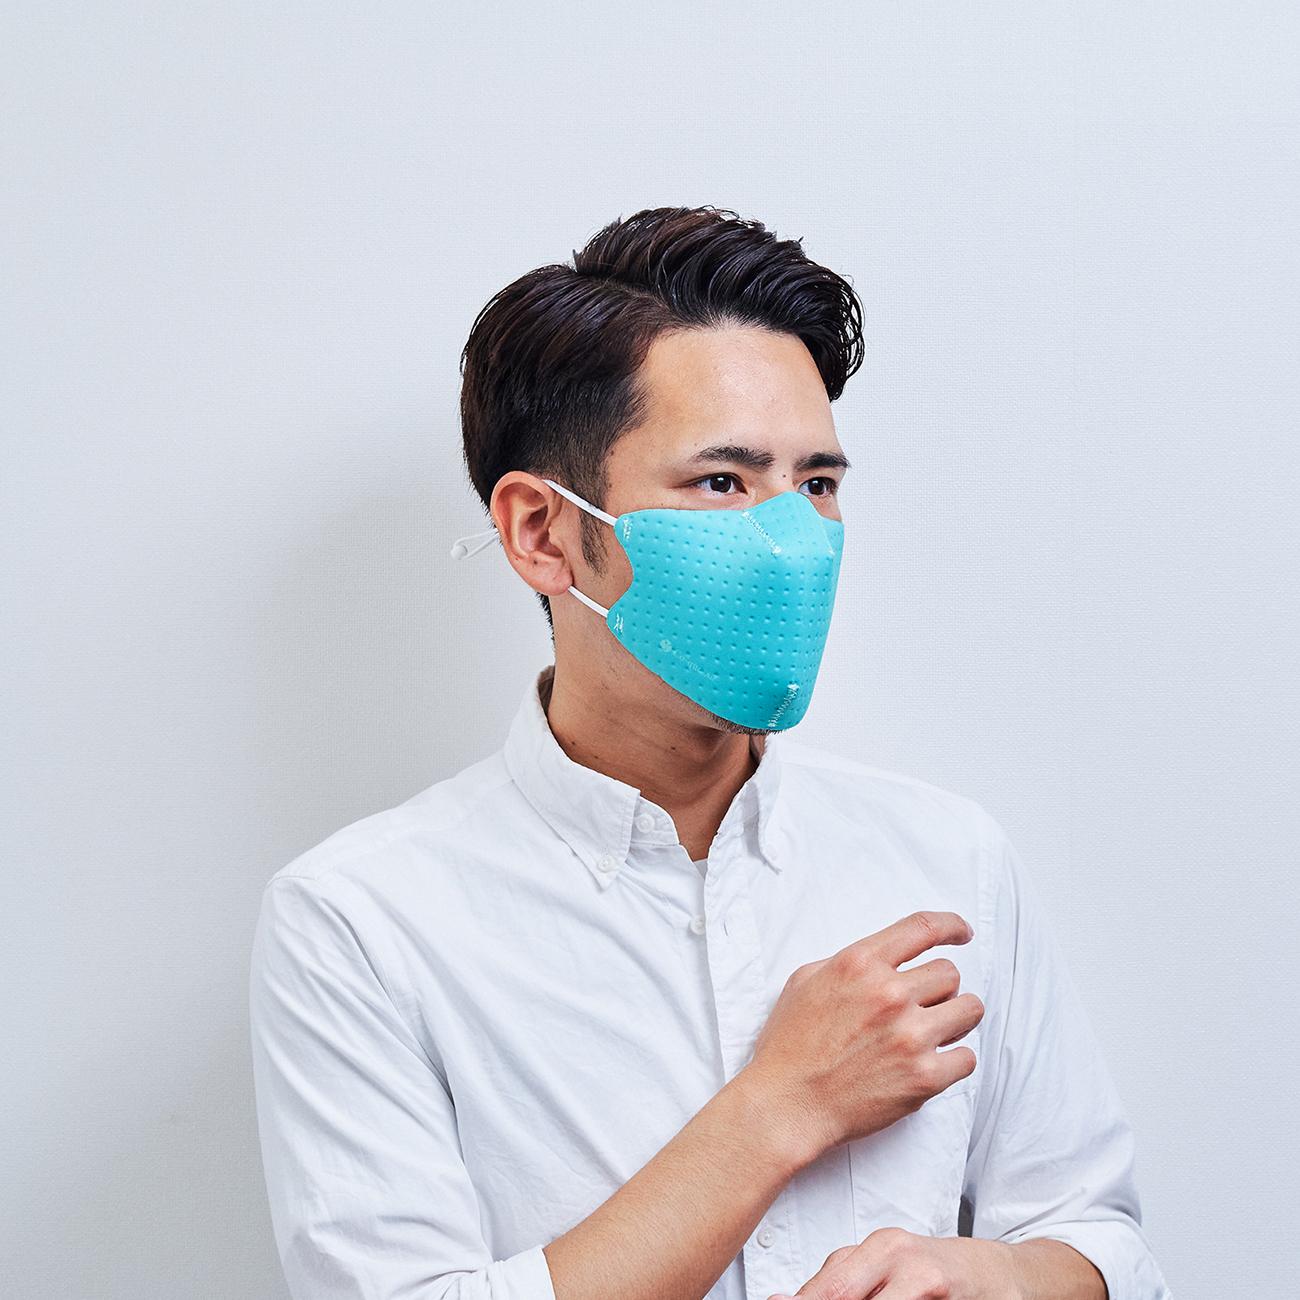 【単色購入】呼吸 Co-que Air ミント グリーン